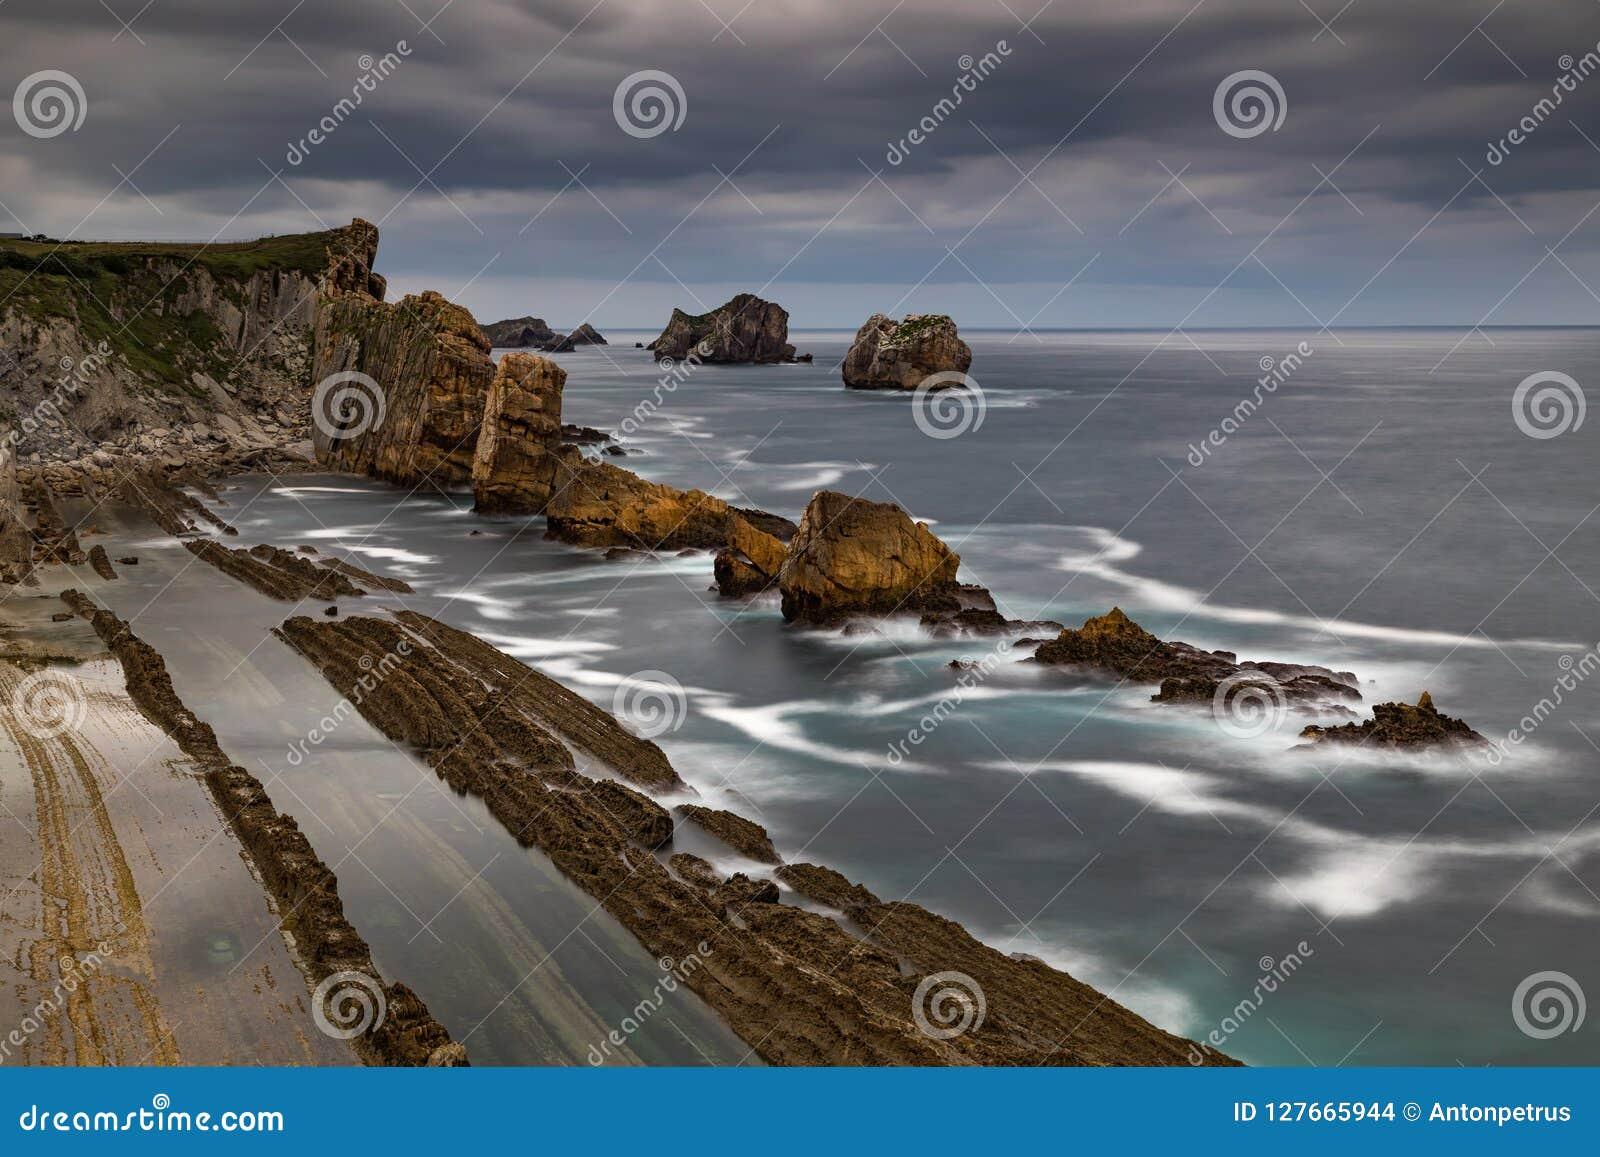 Drastische Ansicht von Playa de la Arnia, Kantabrien, Spanien